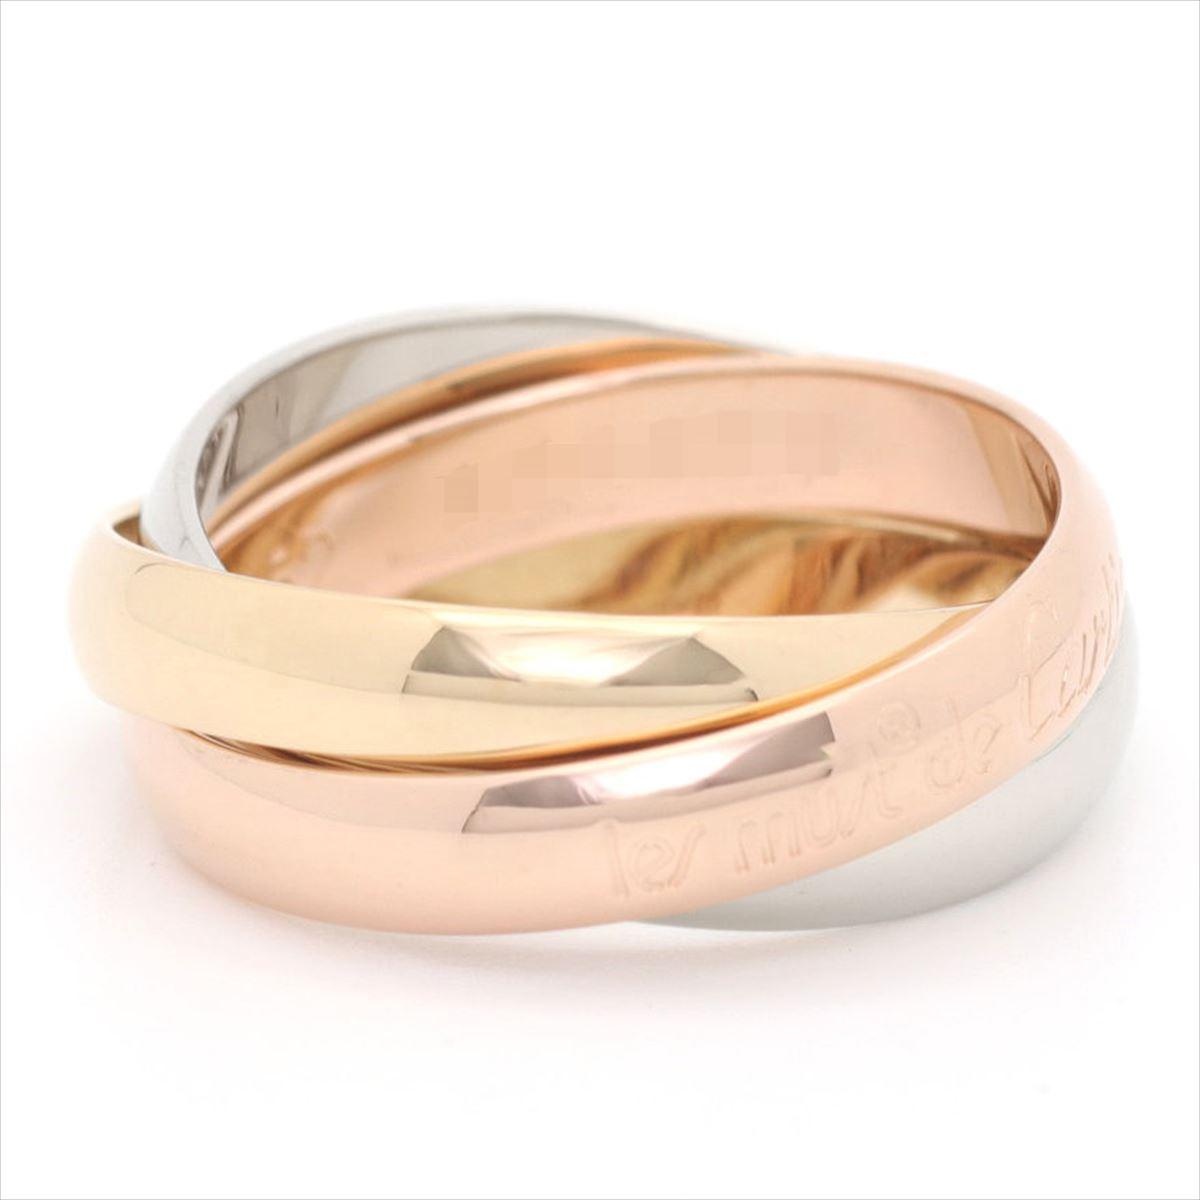 【新古品】カルティエ/Cartier / ジュエリー リング 指輪 レディース メンズ / トリニティリング 3カラー ゴールド YG/WG/PG 750/K18 3連 B4086100